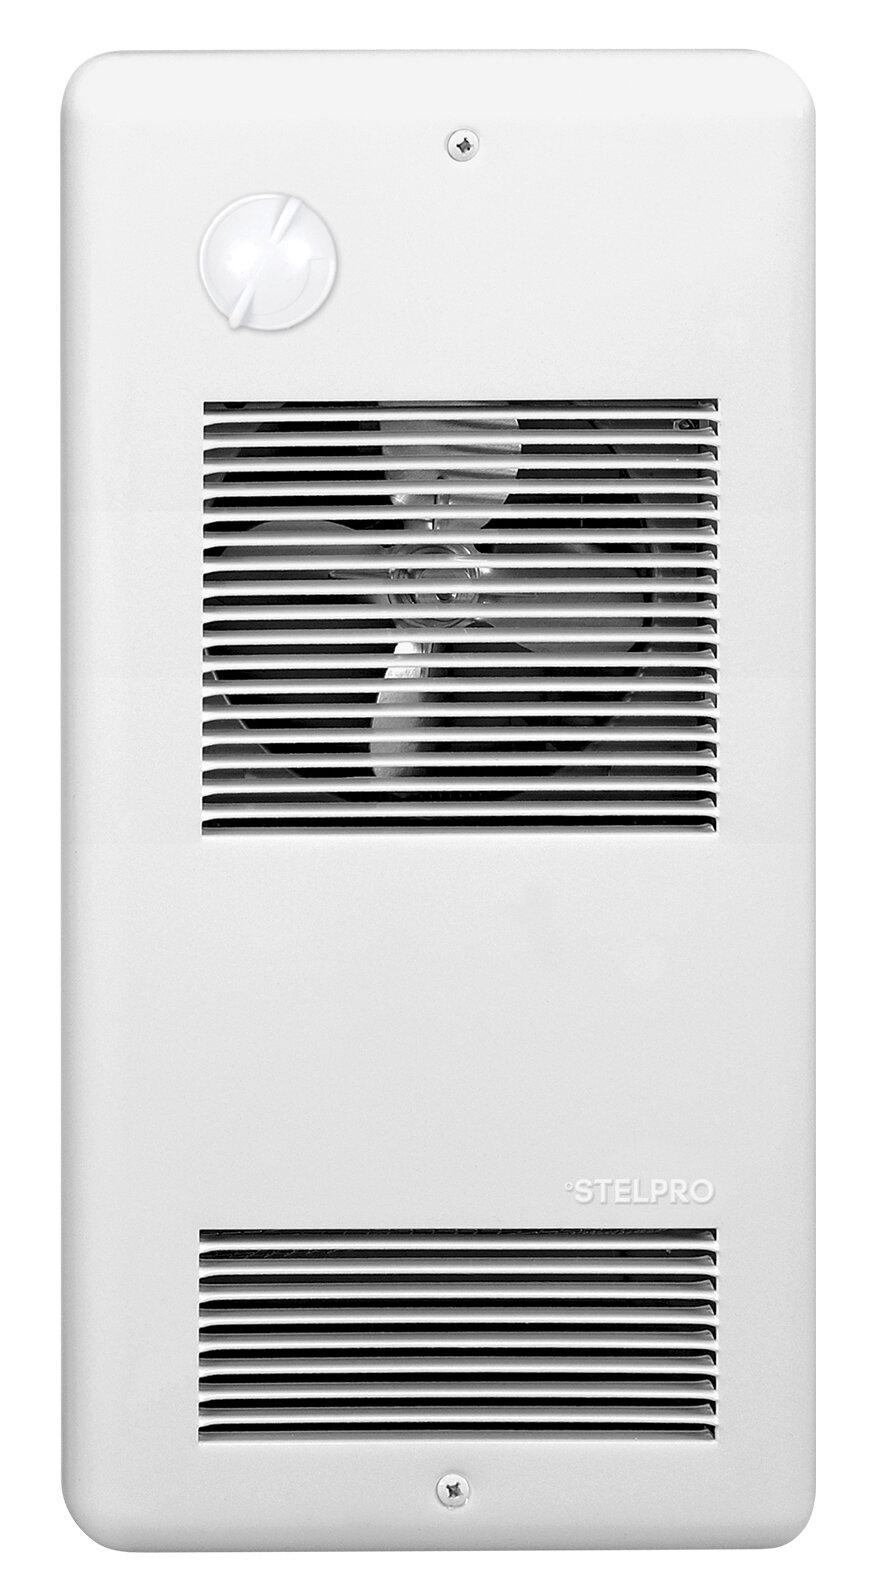 Stelpro 1500 Watt Electric Infrared Wall Mounted Heater Wayfair